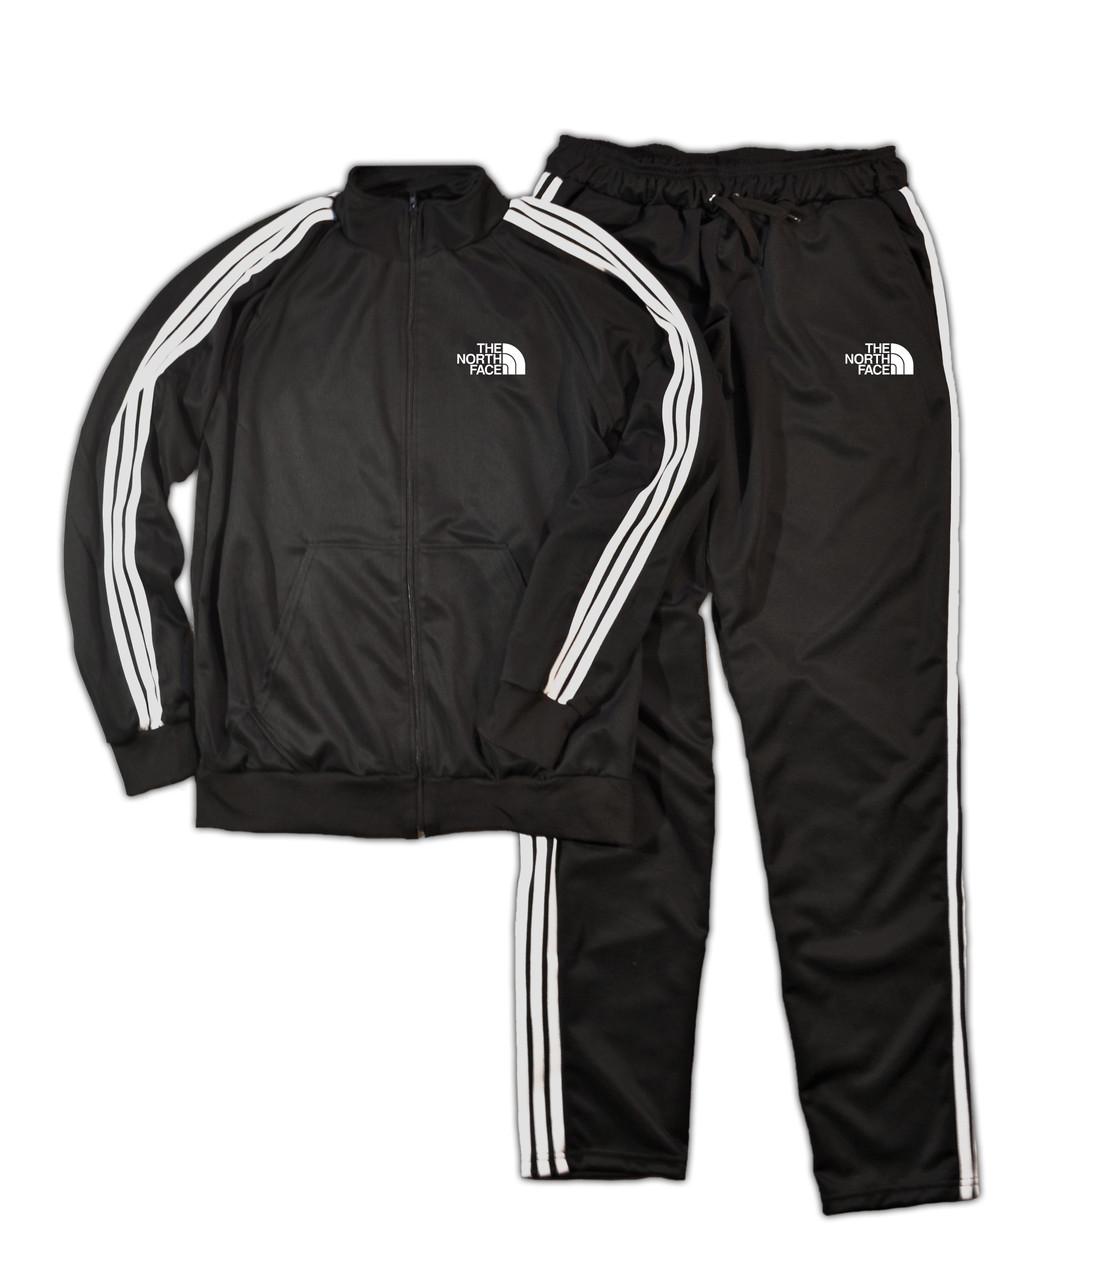 Спортивный костюм The North Face для тренировок (Норт фейс)